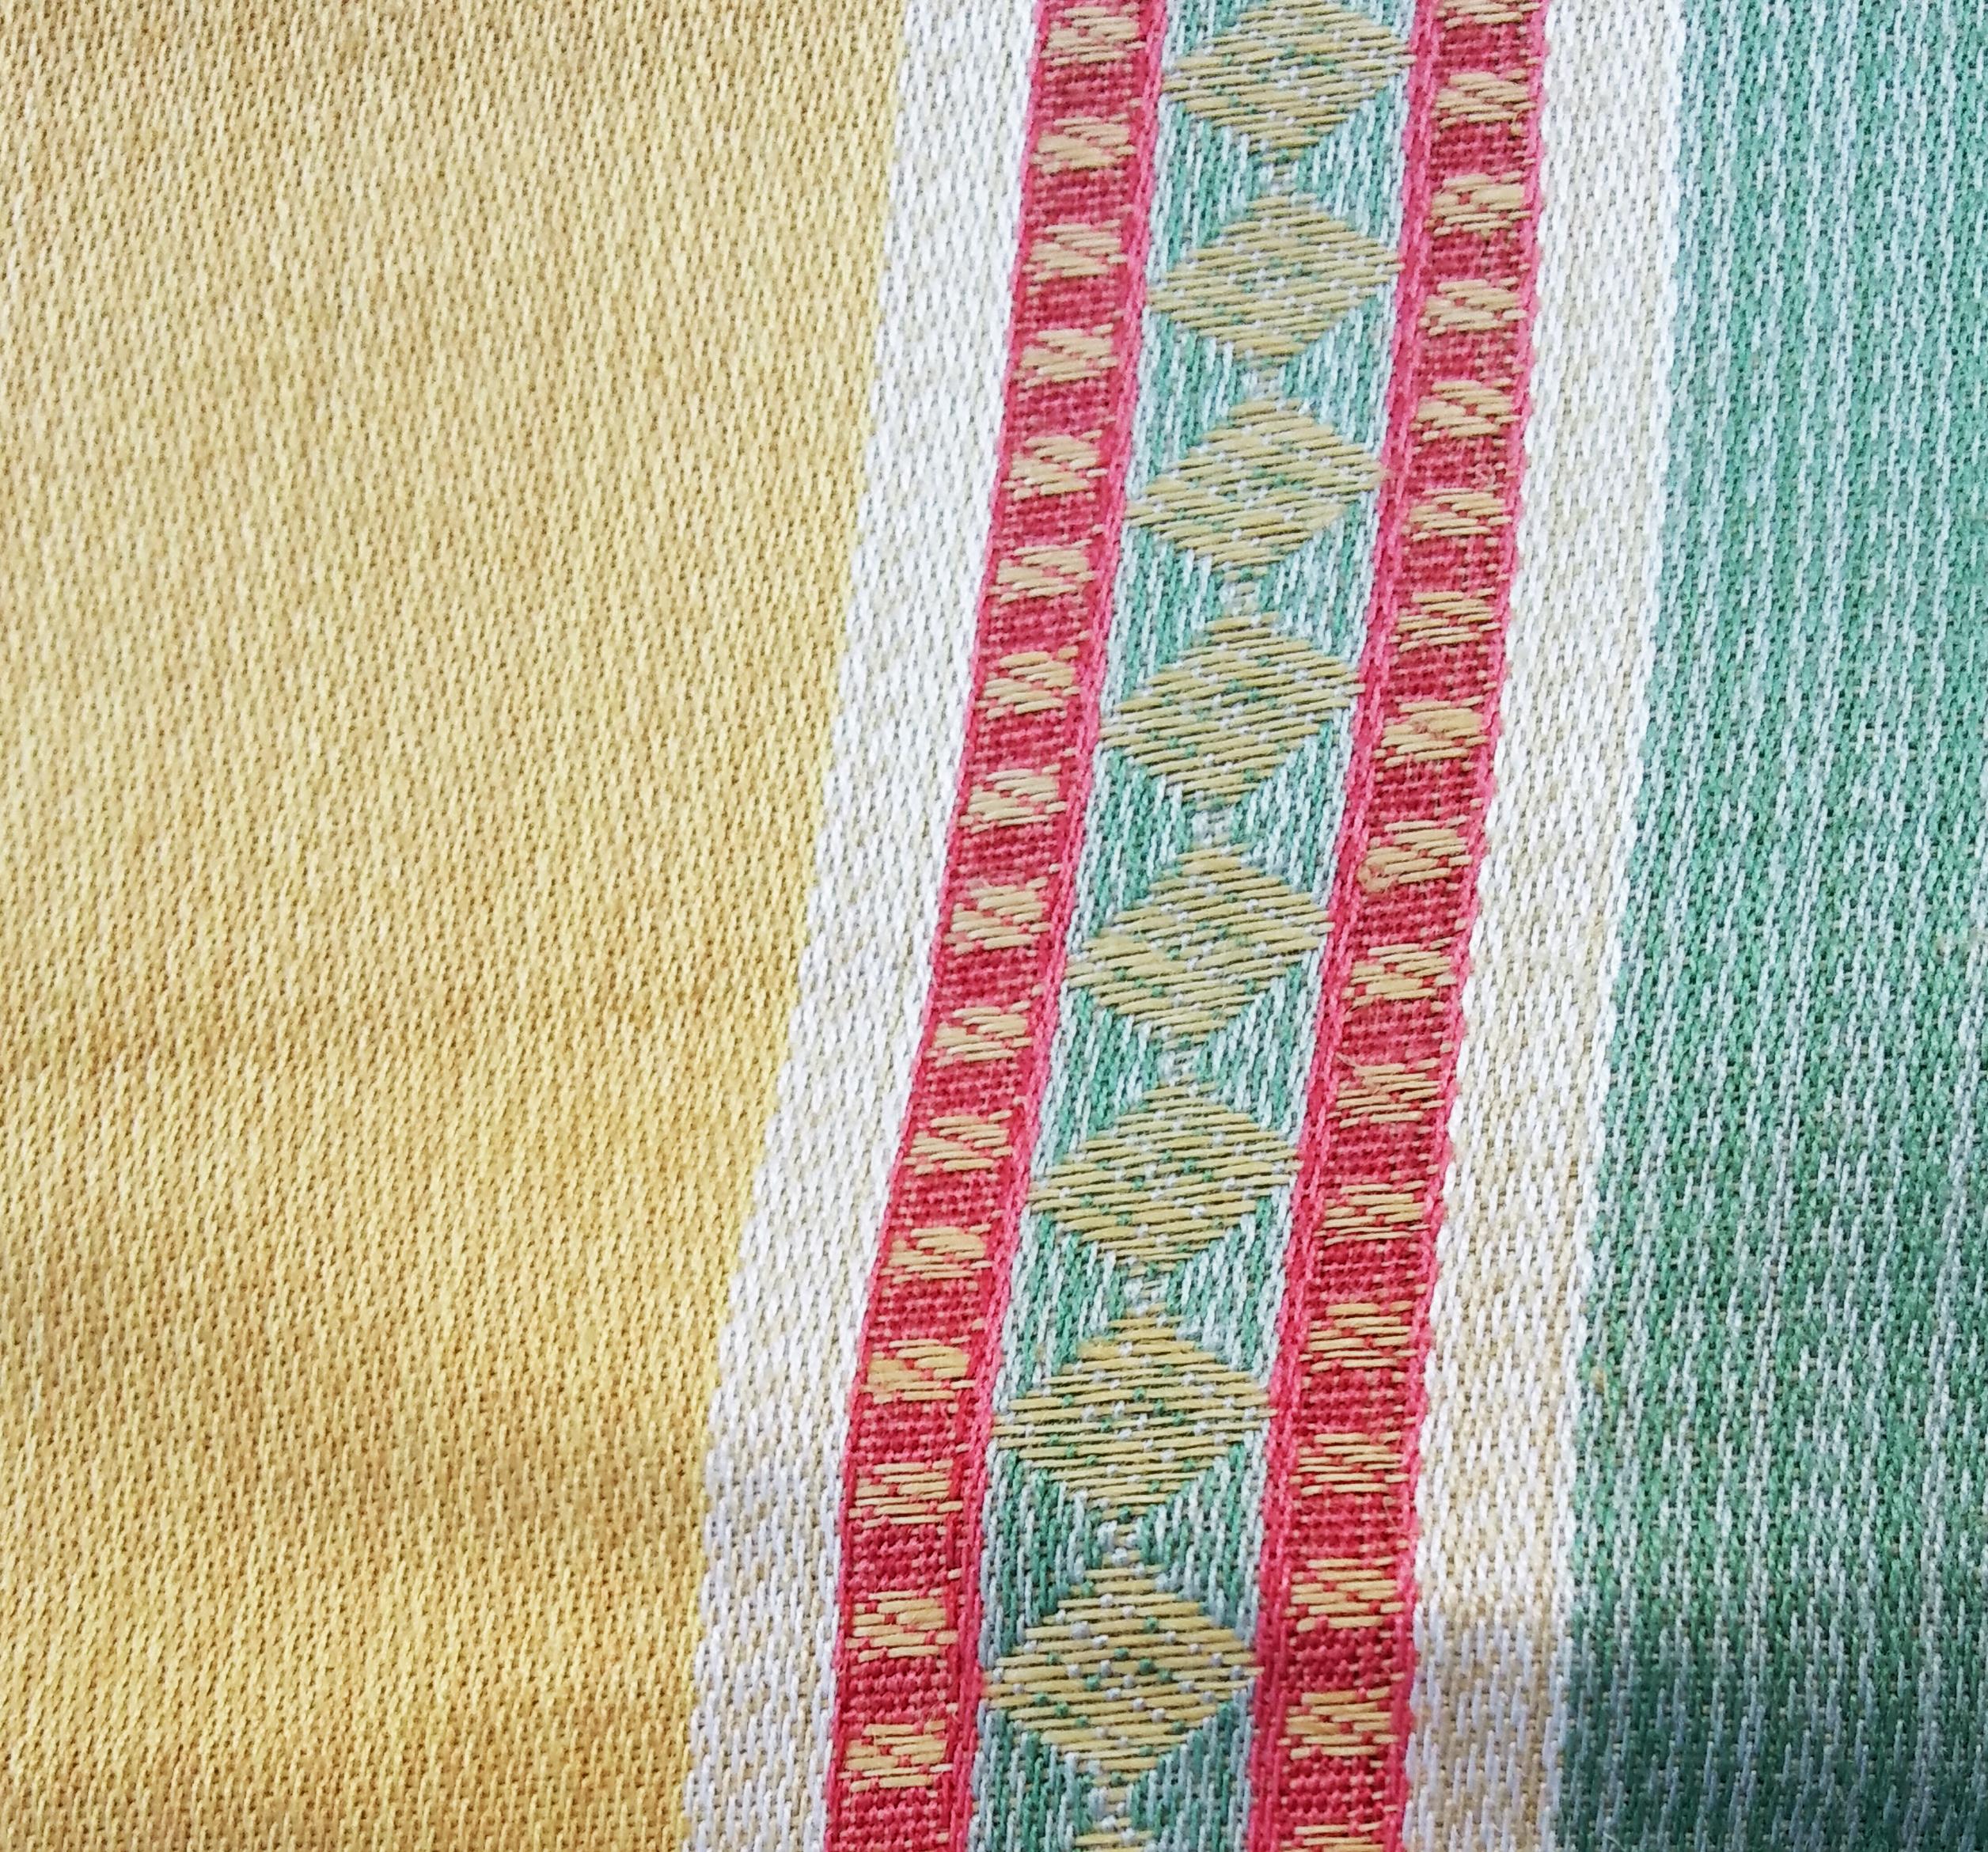 tessuto in cotone a righe